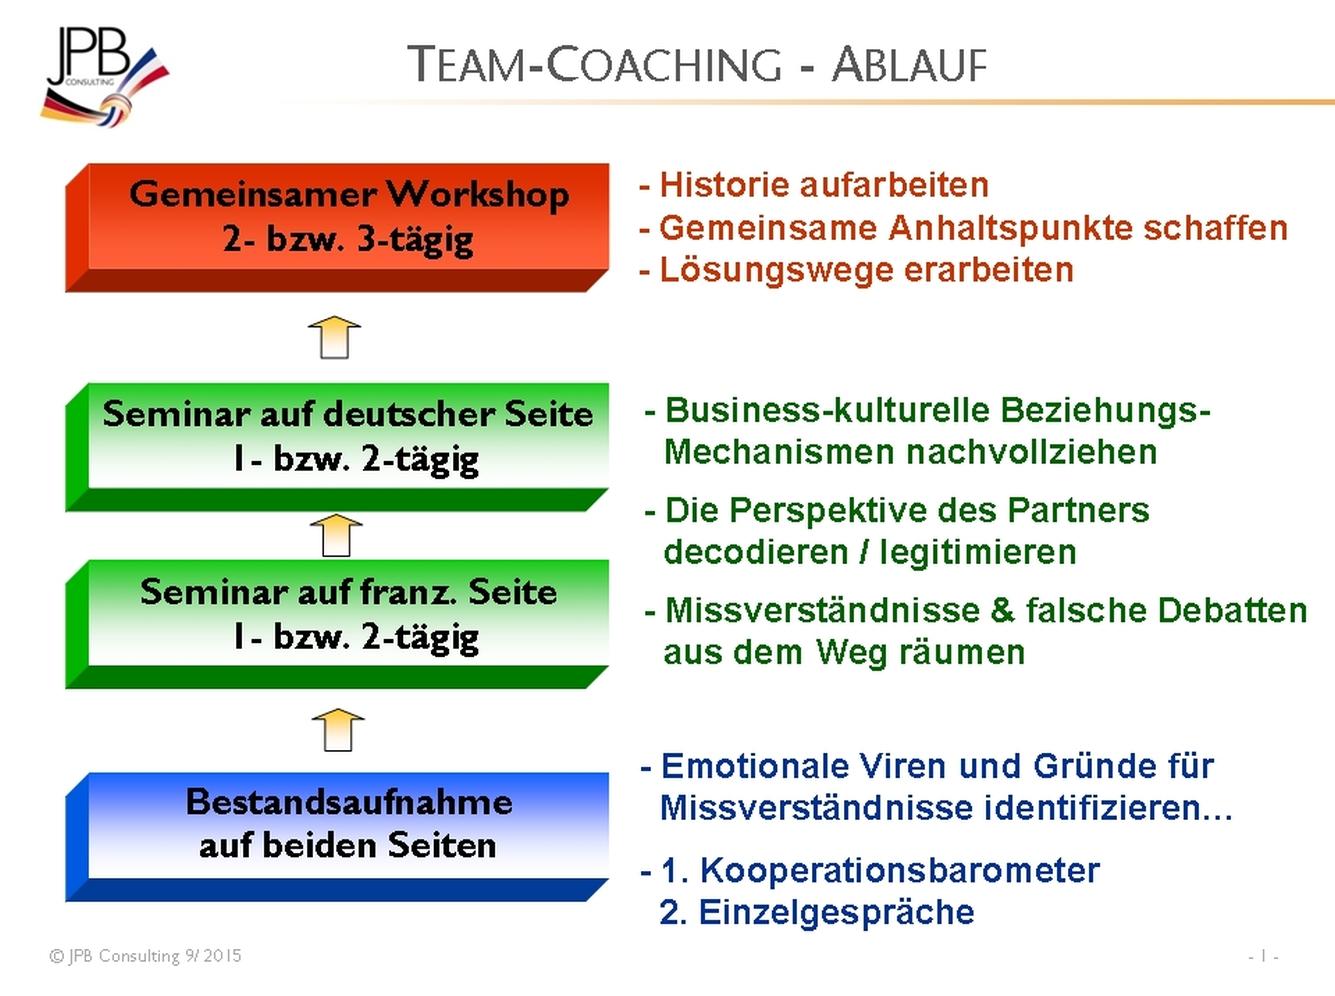 Schritte eines Team-Coaching Prozesses